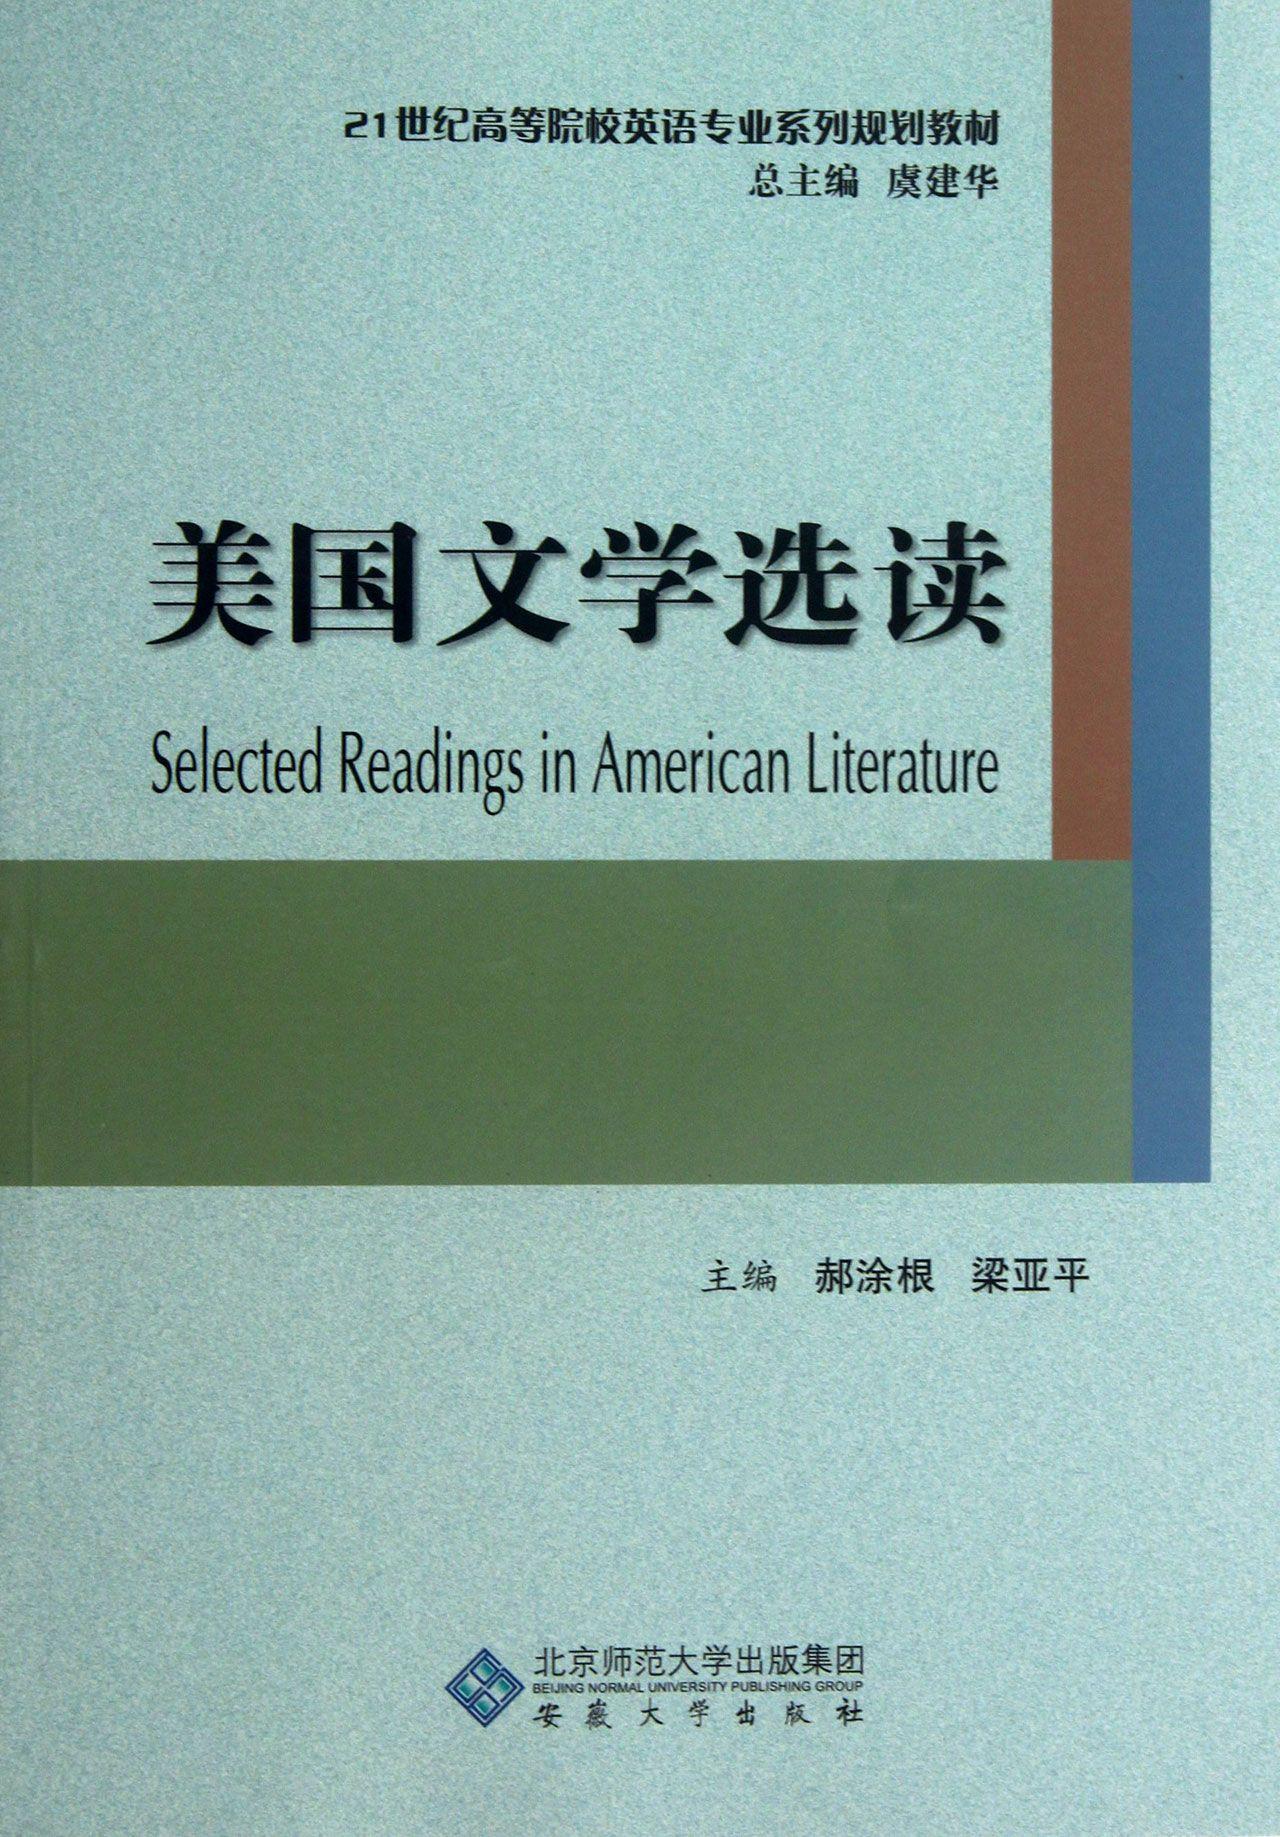 美國文學選讀(21世